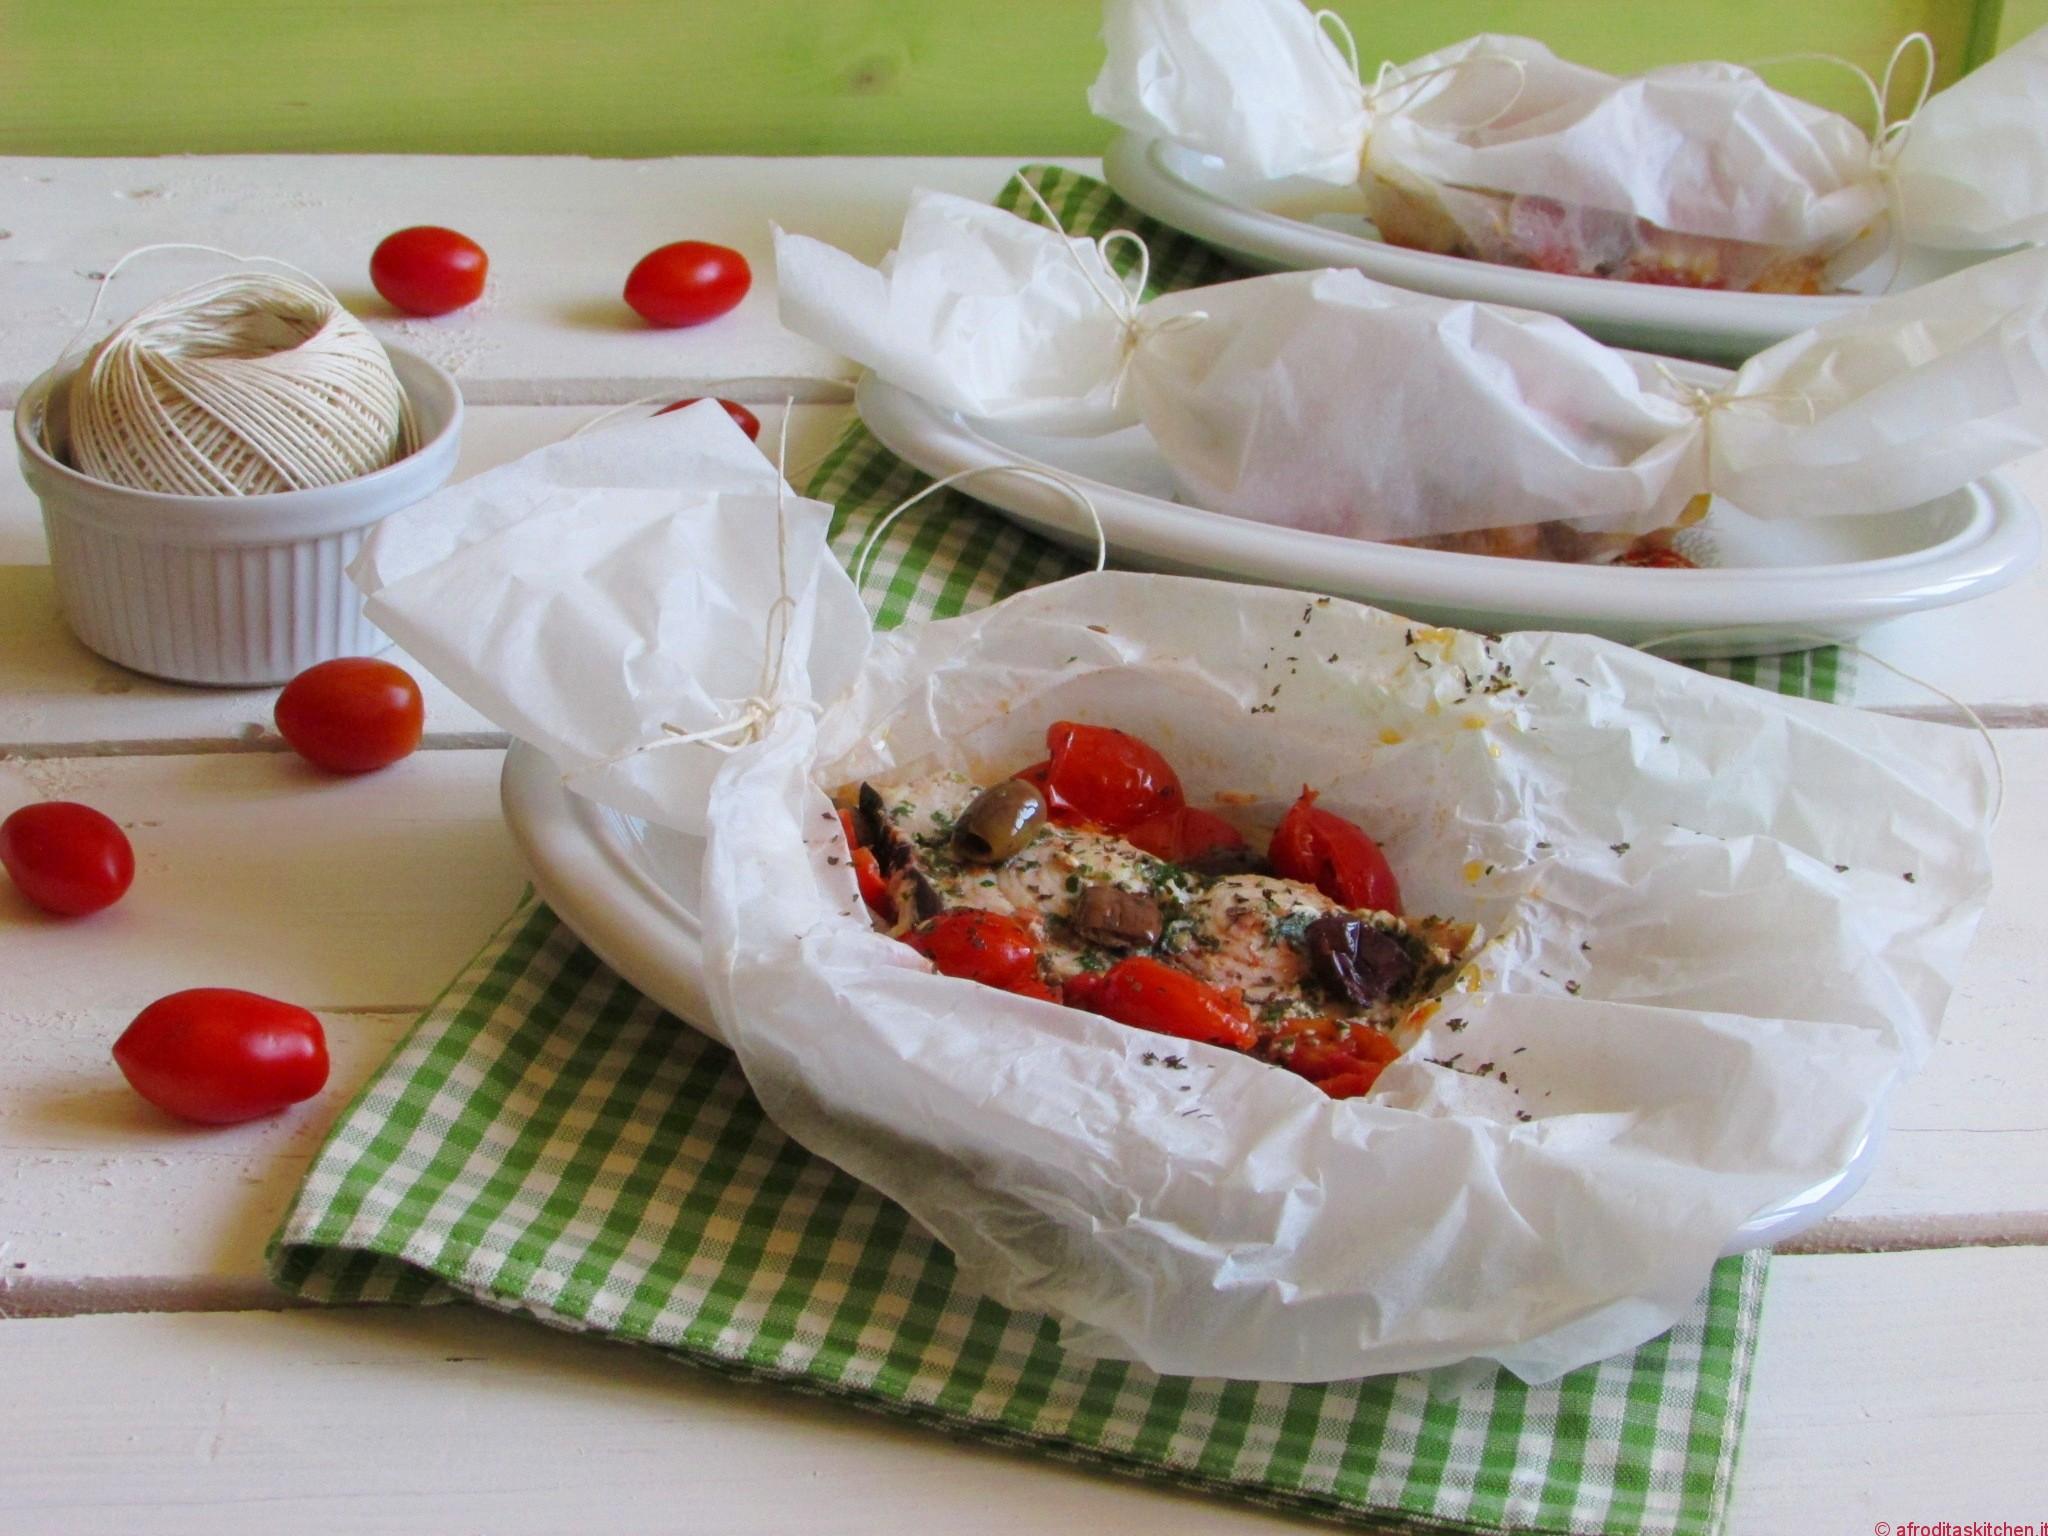 Calendario del Cibo Italiano: Pesce spada al cartoccio con erbe aromatiche, pomodori datterini ed olive taggiasche